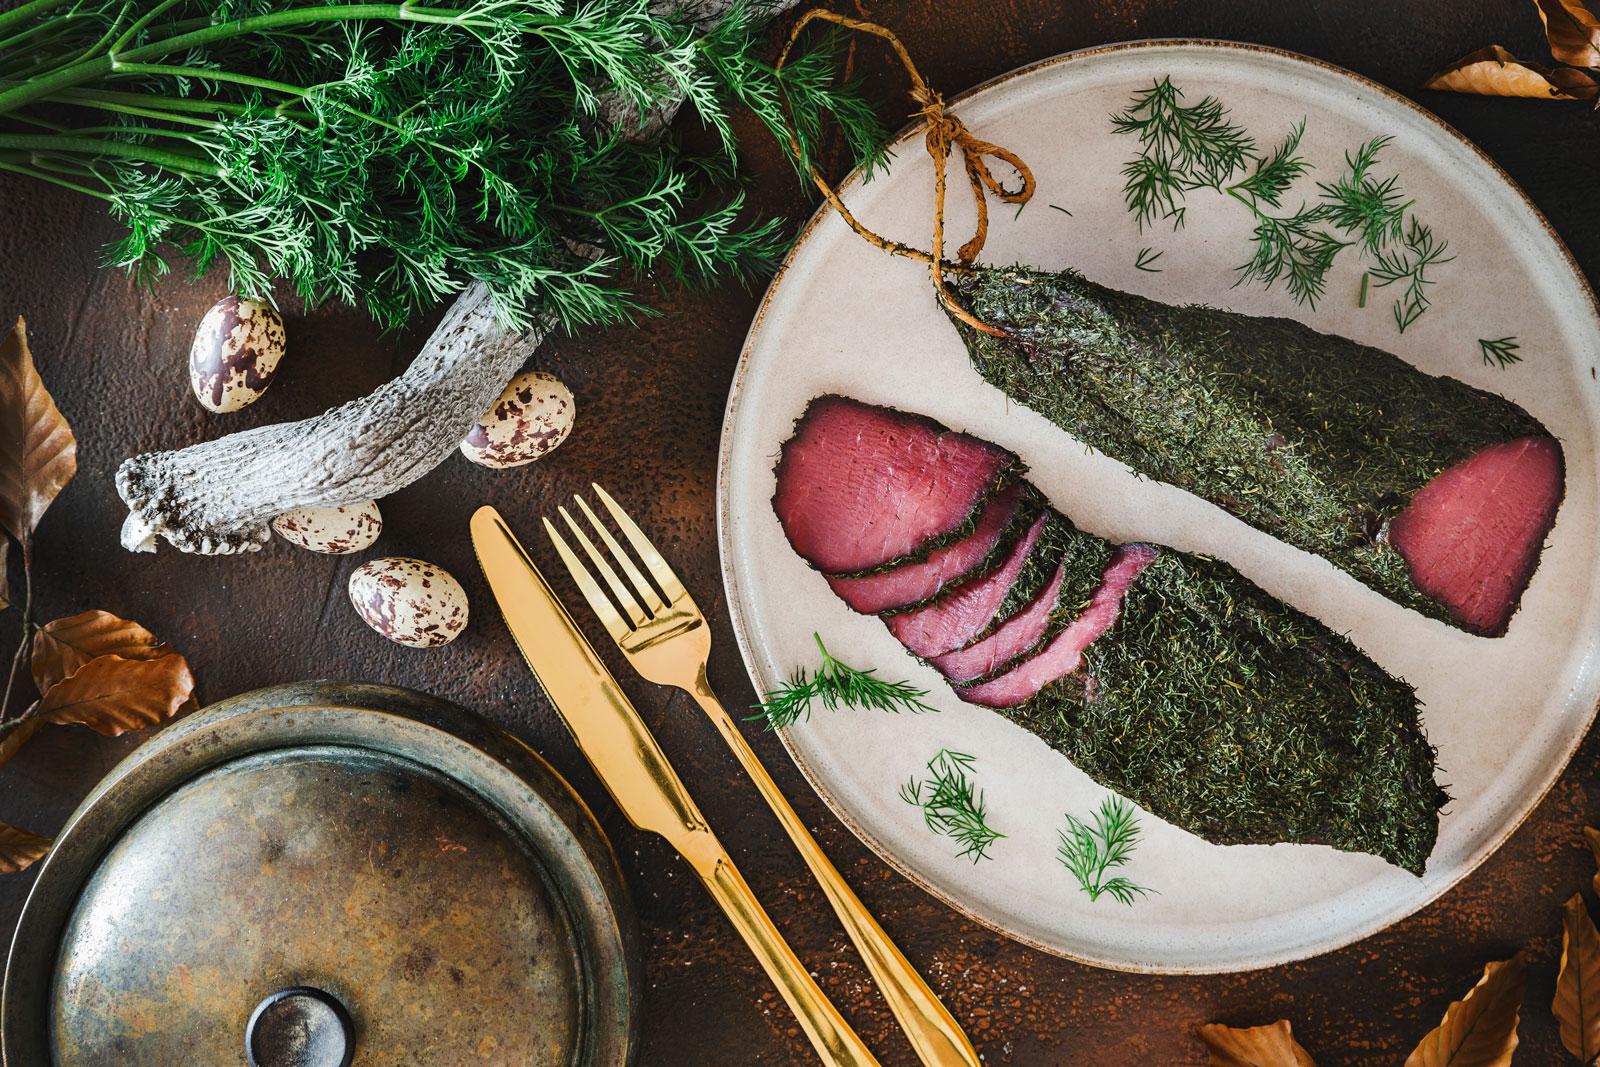 Szynka-z-jelenia-w-koperku-wykwintne-wędliny-fotografia-kulinarna